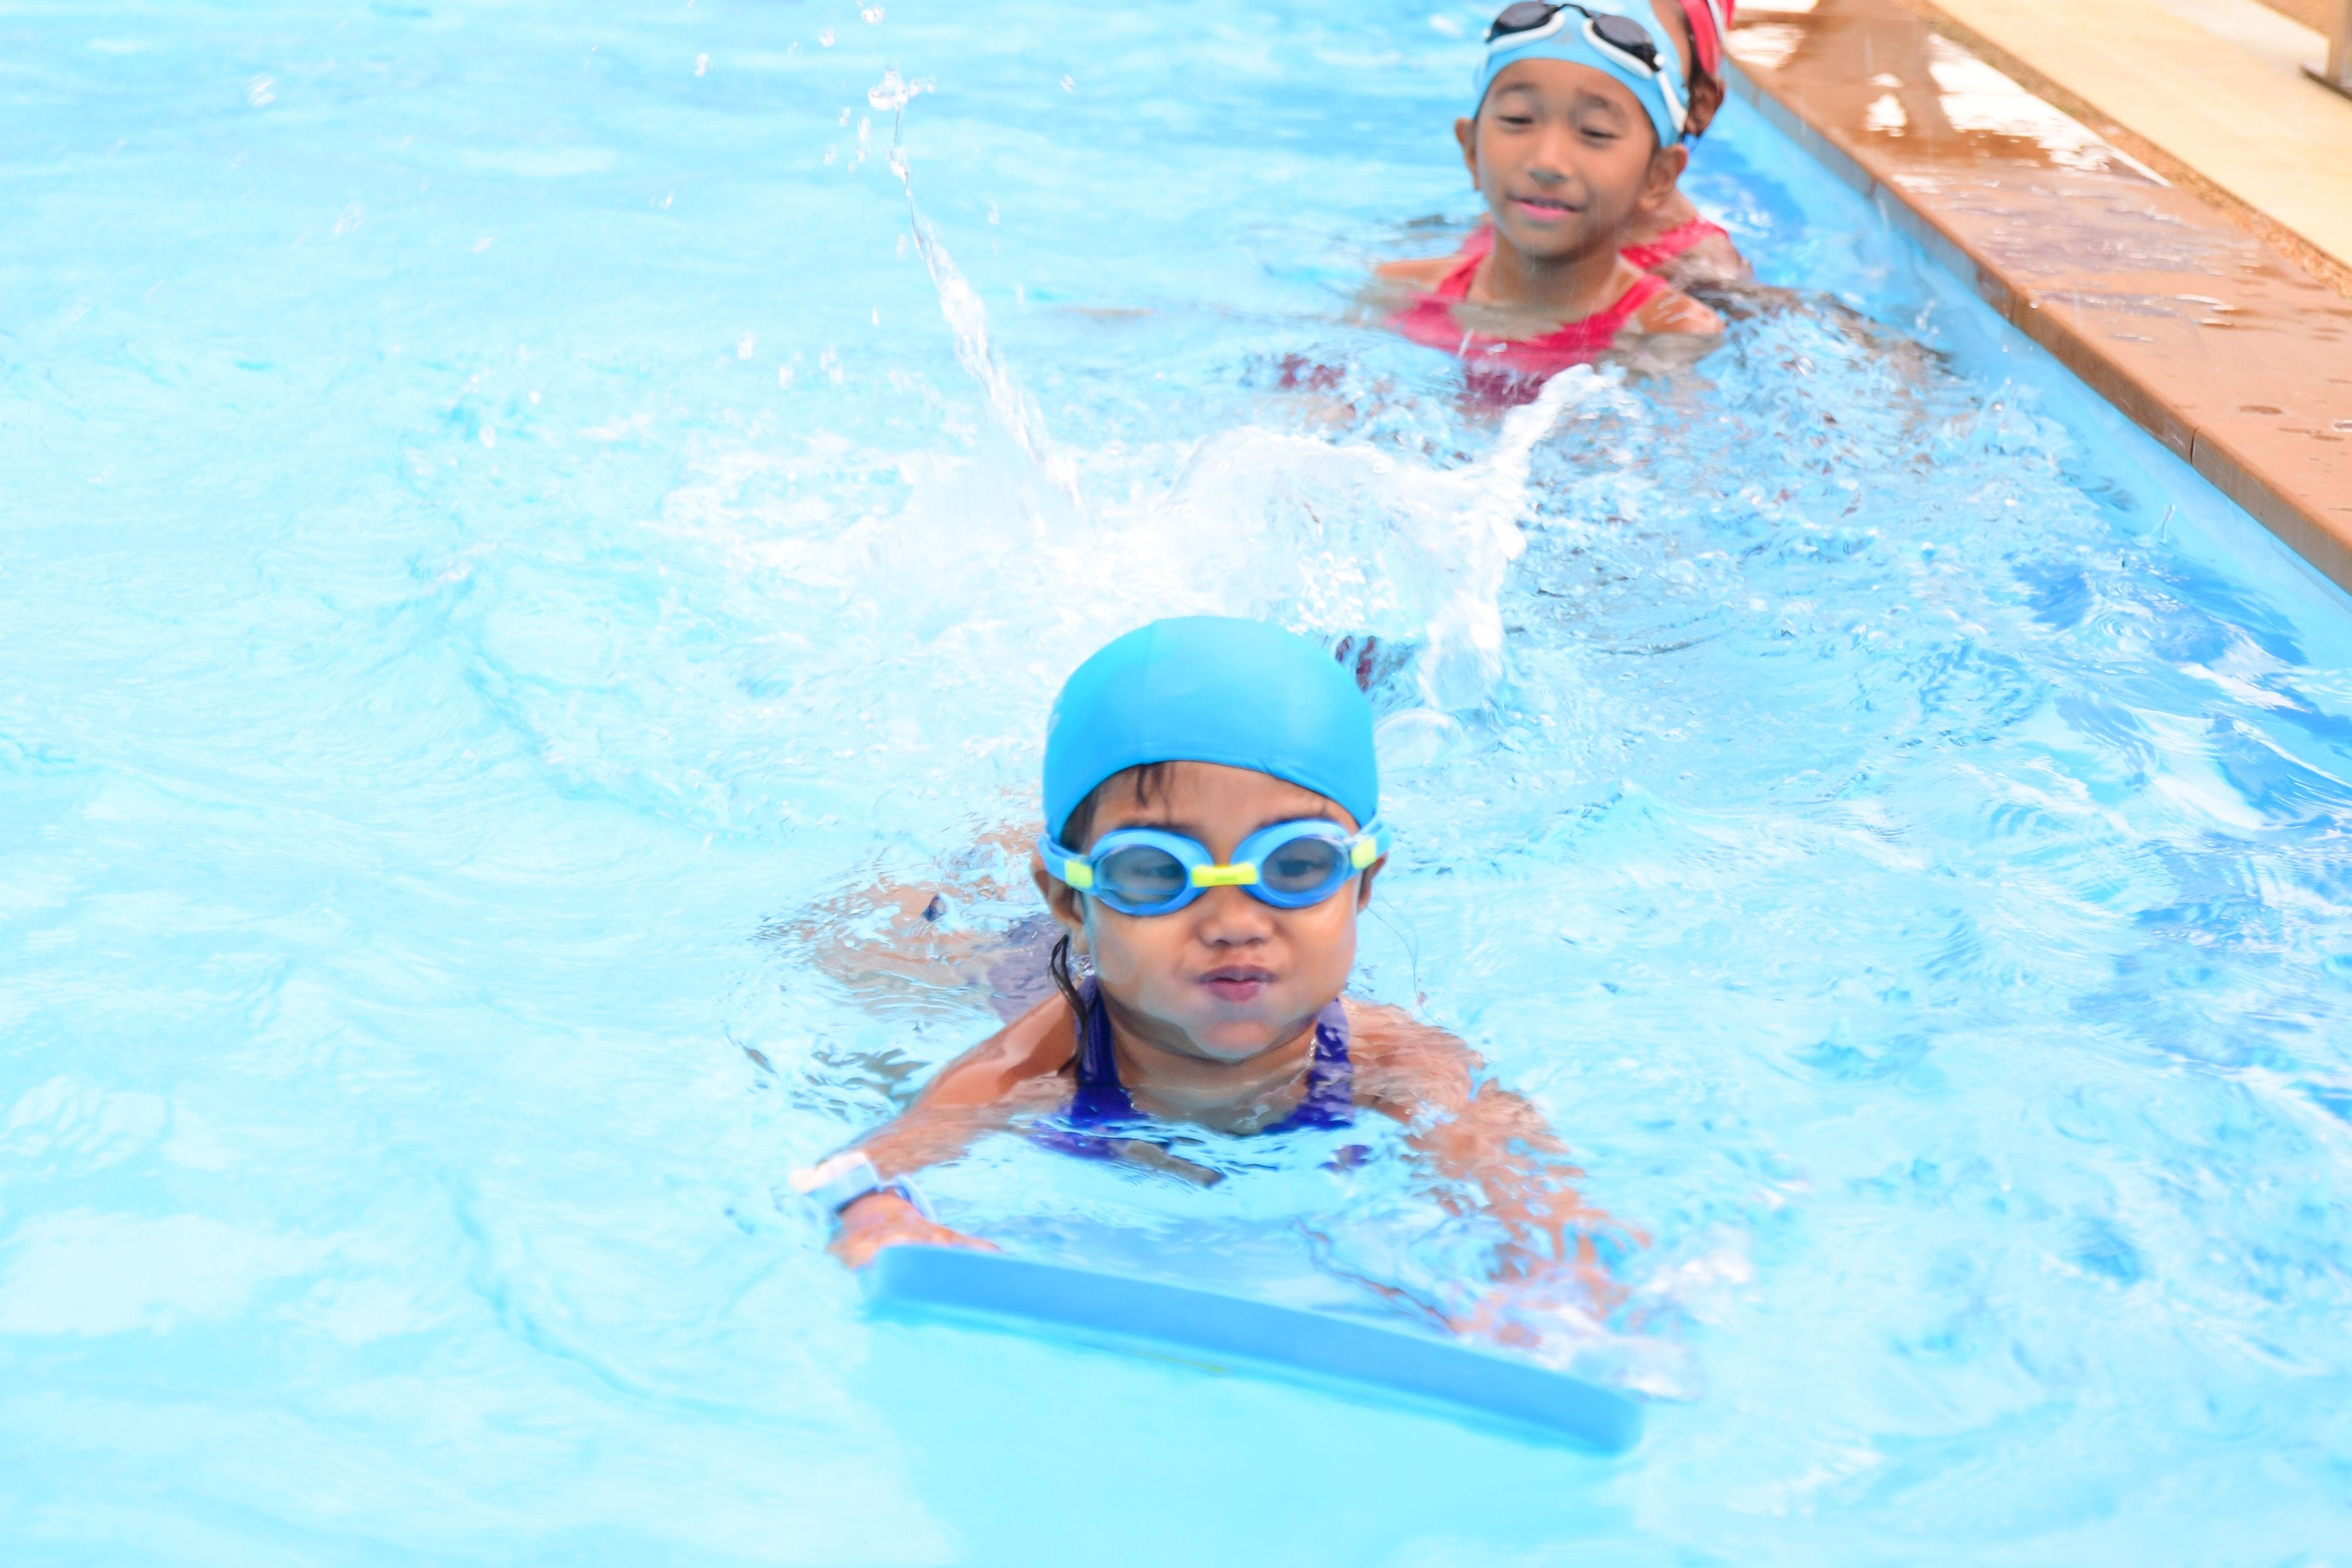 ชมรมว่ายน้ำ โรงเรียนอนุบาลรือเสาะ